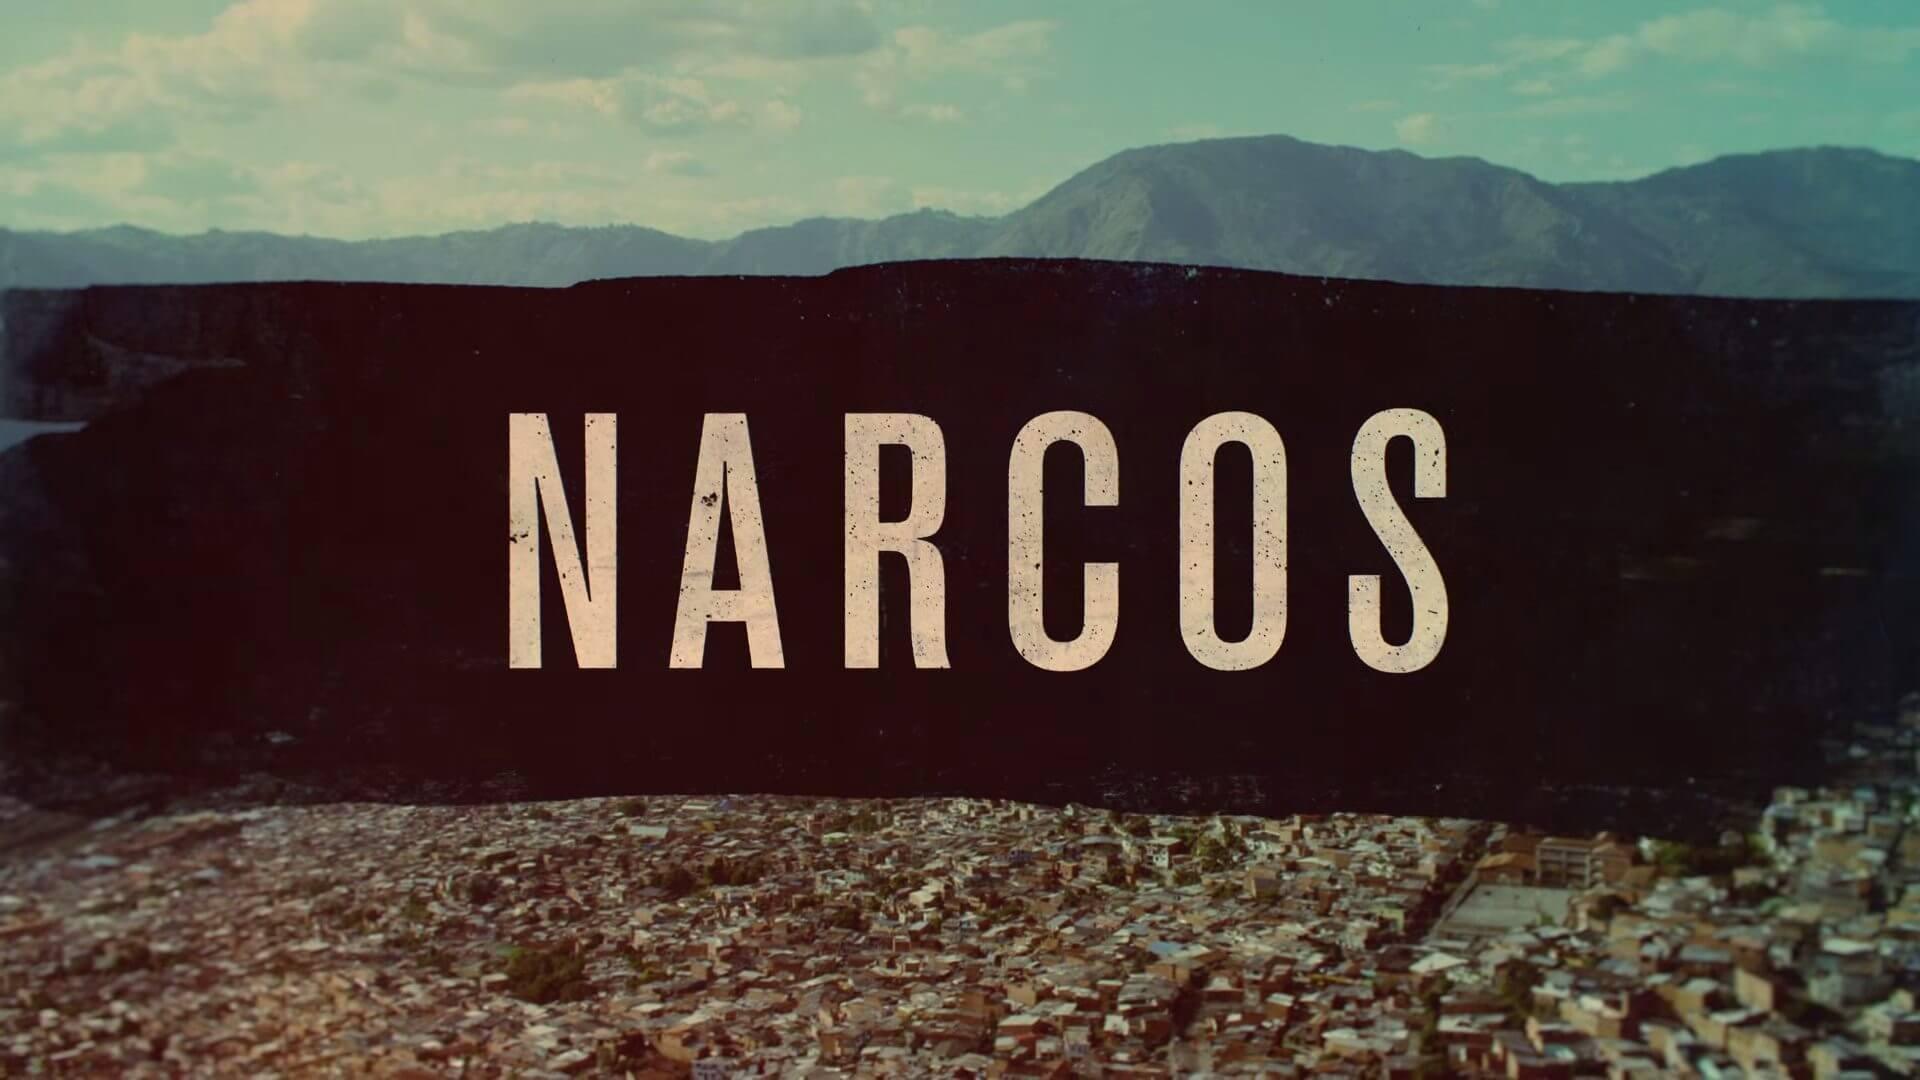 narcos - Narcos: veja o trailer da nova série original da Netflix